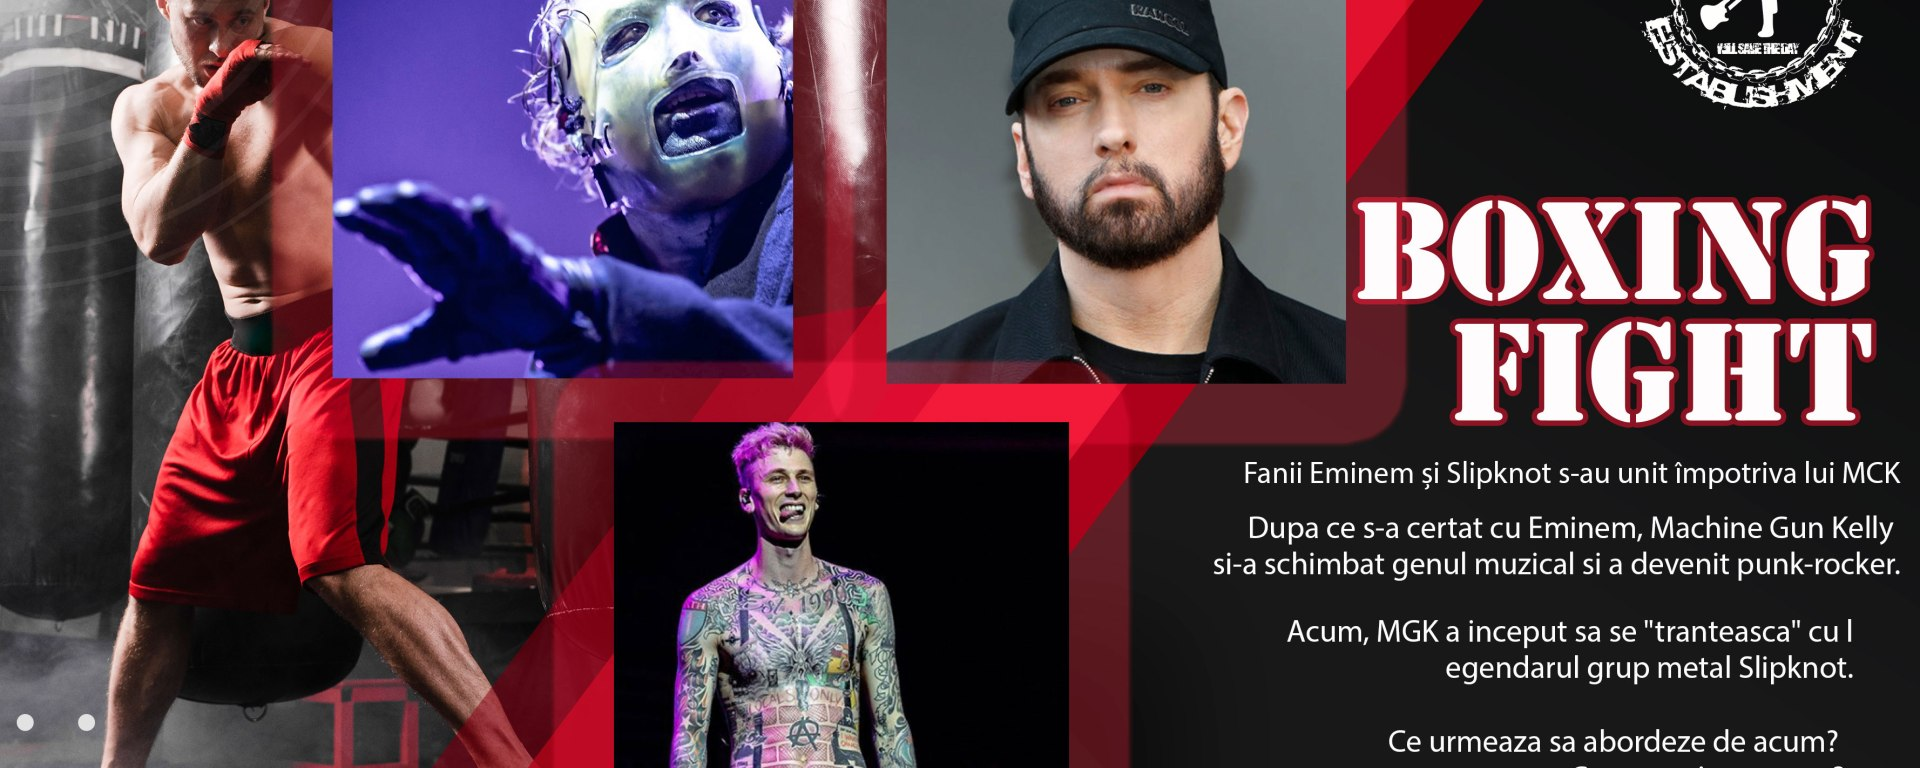 Fanii Eminem și Slipknot s-au unit împotriva lui MCK, după ce acesta s-a luat de legendara trupa rock